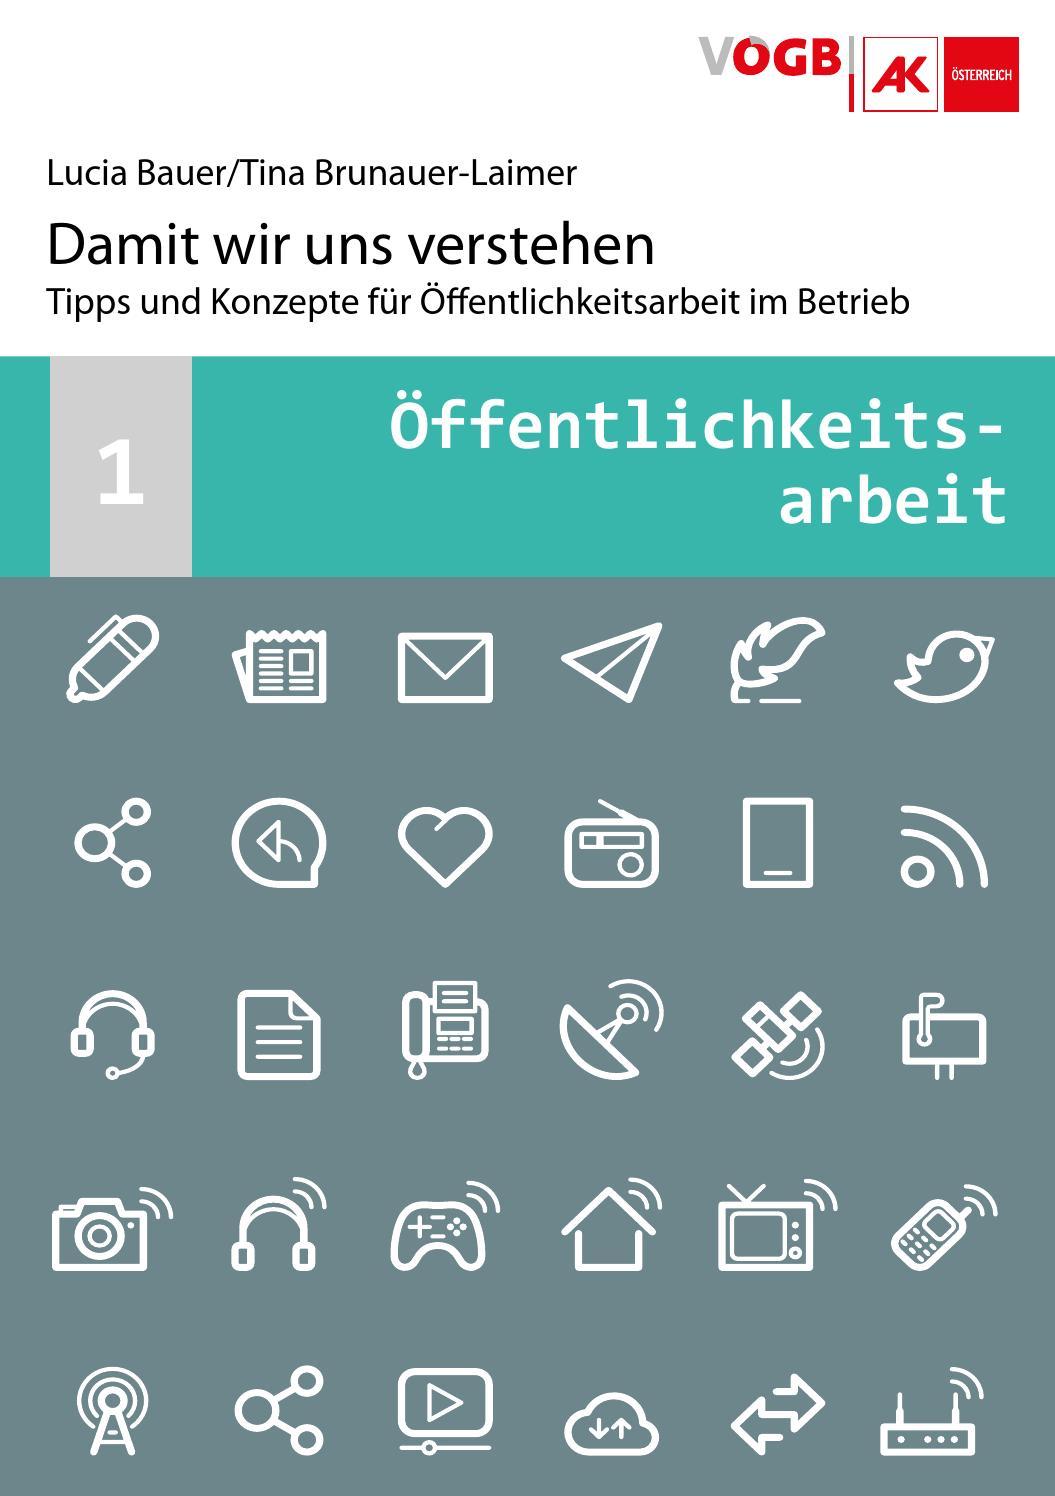 OEA-01 - Damit wir uns verstehen by VÖGB Wien - issuu